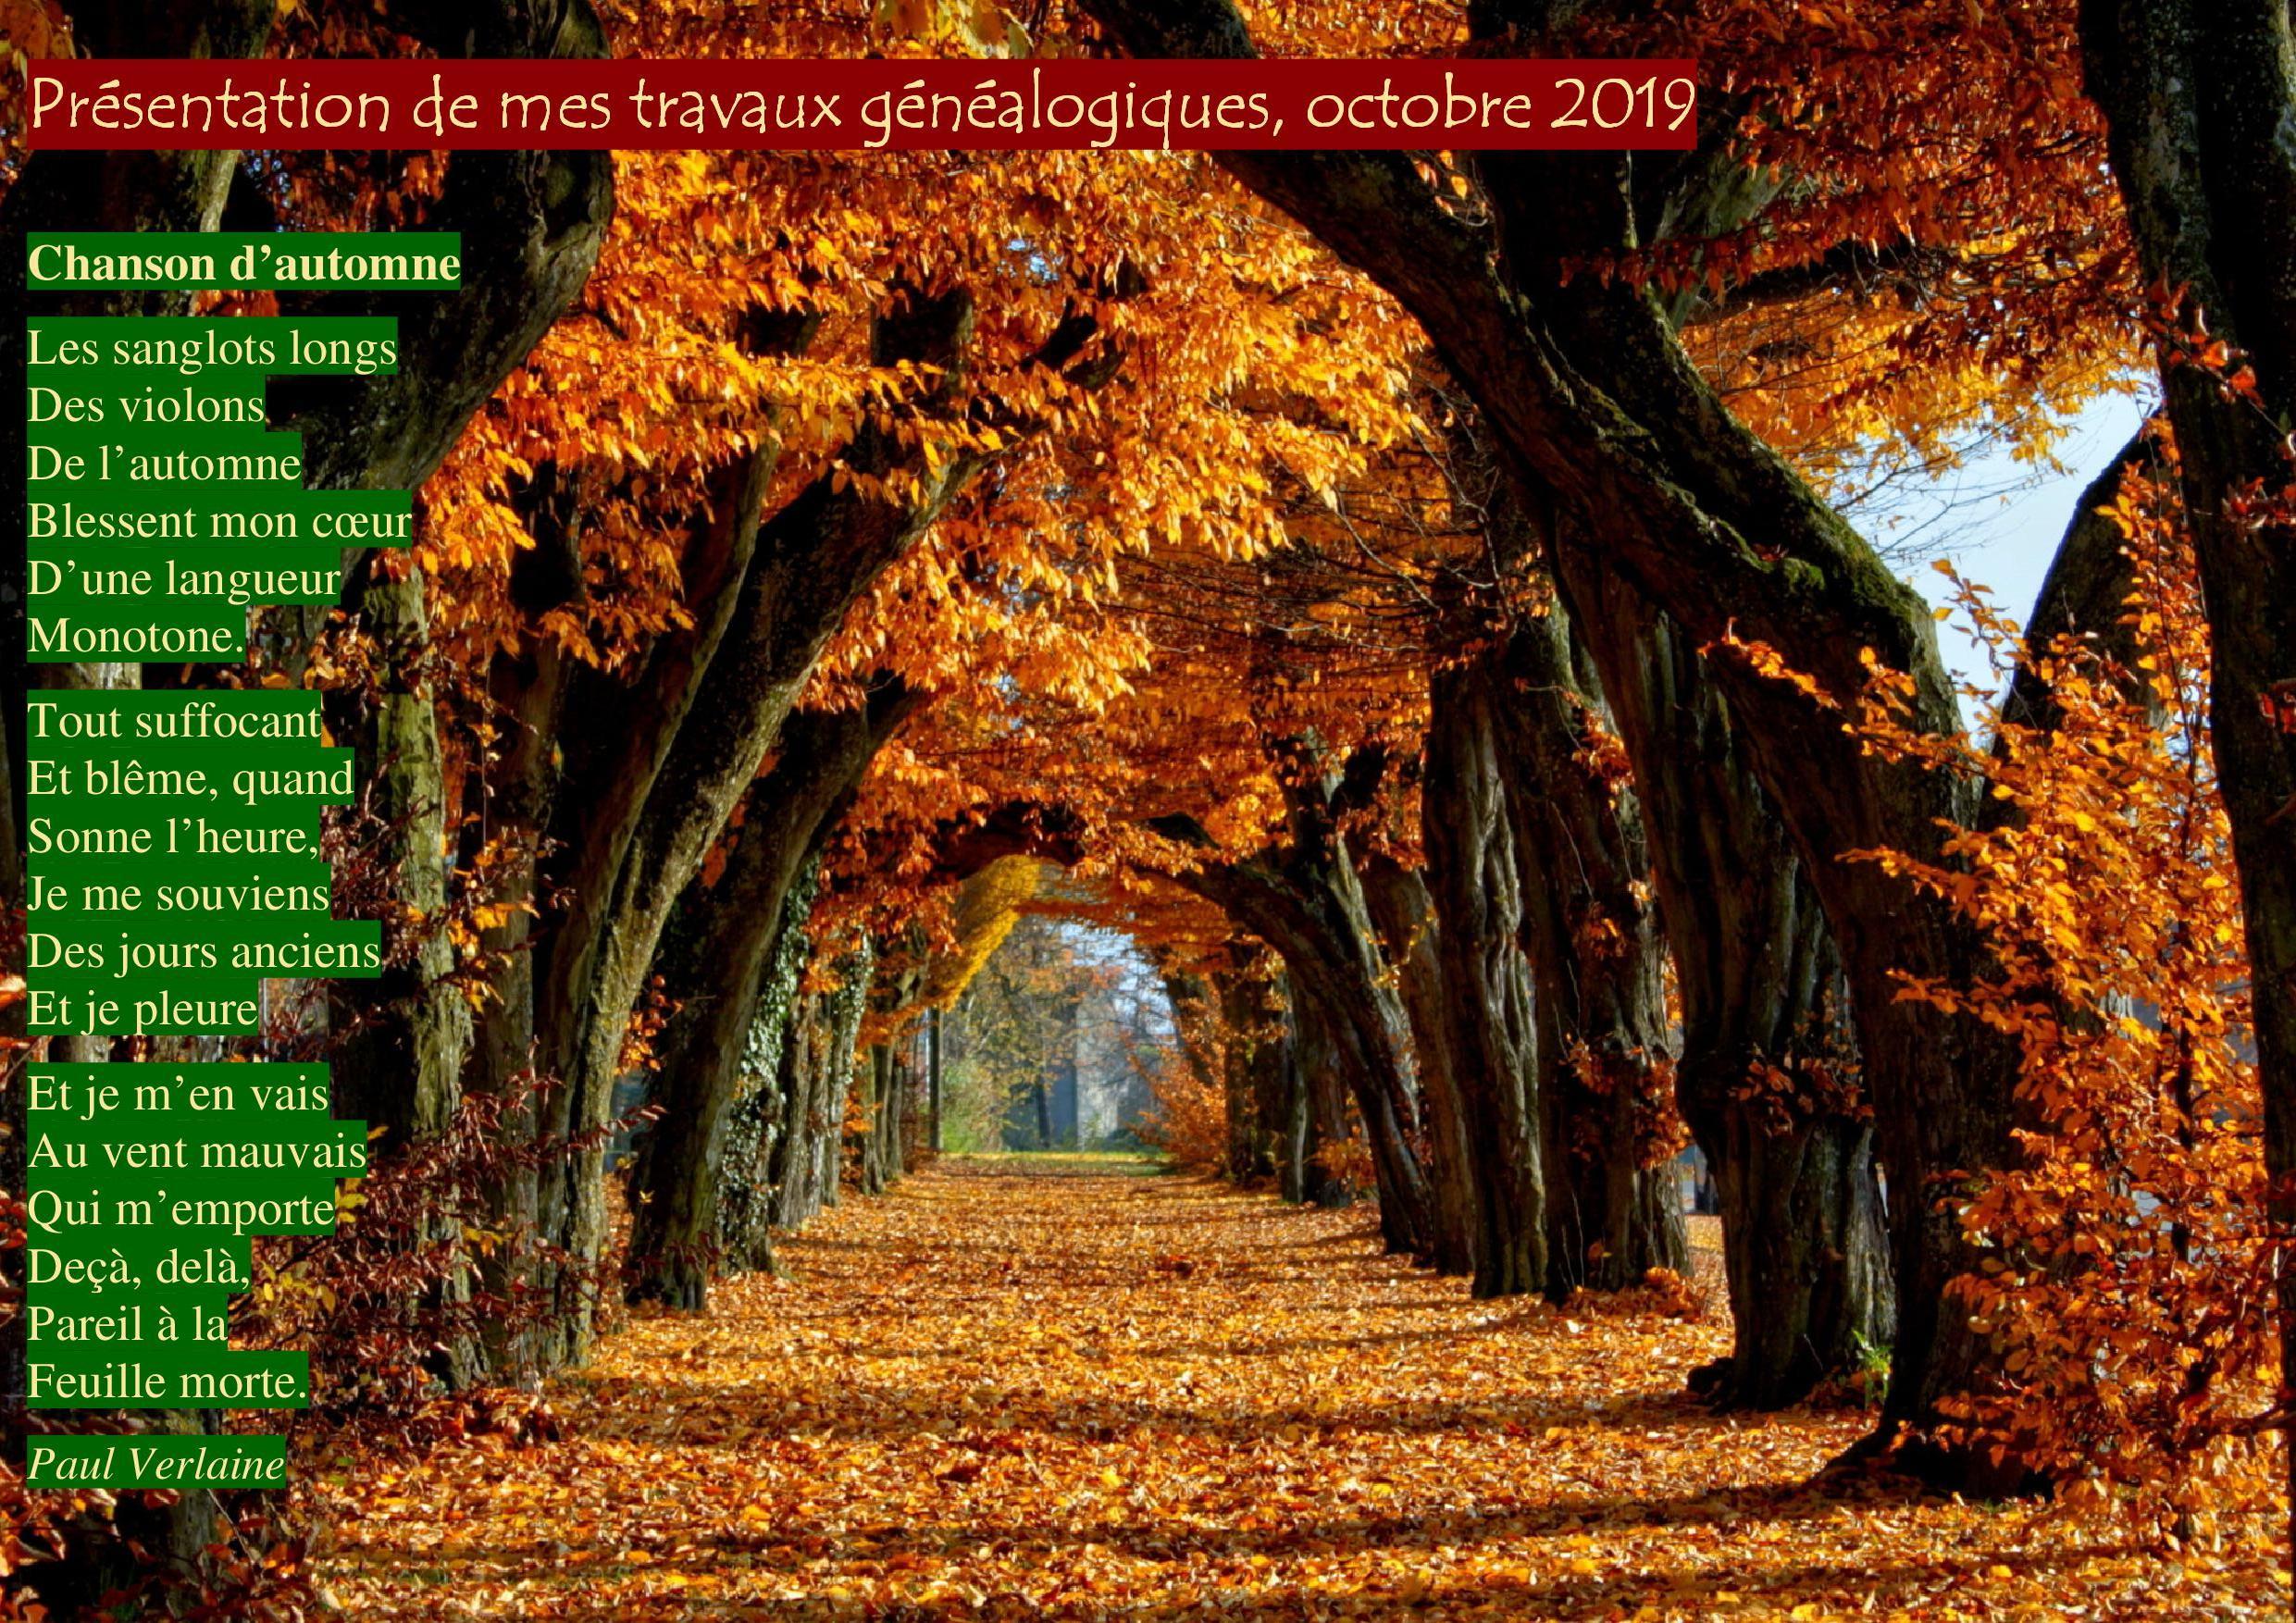 Presentation_de_mes_travaux_genealogiques_octobre_201901_001.jpg